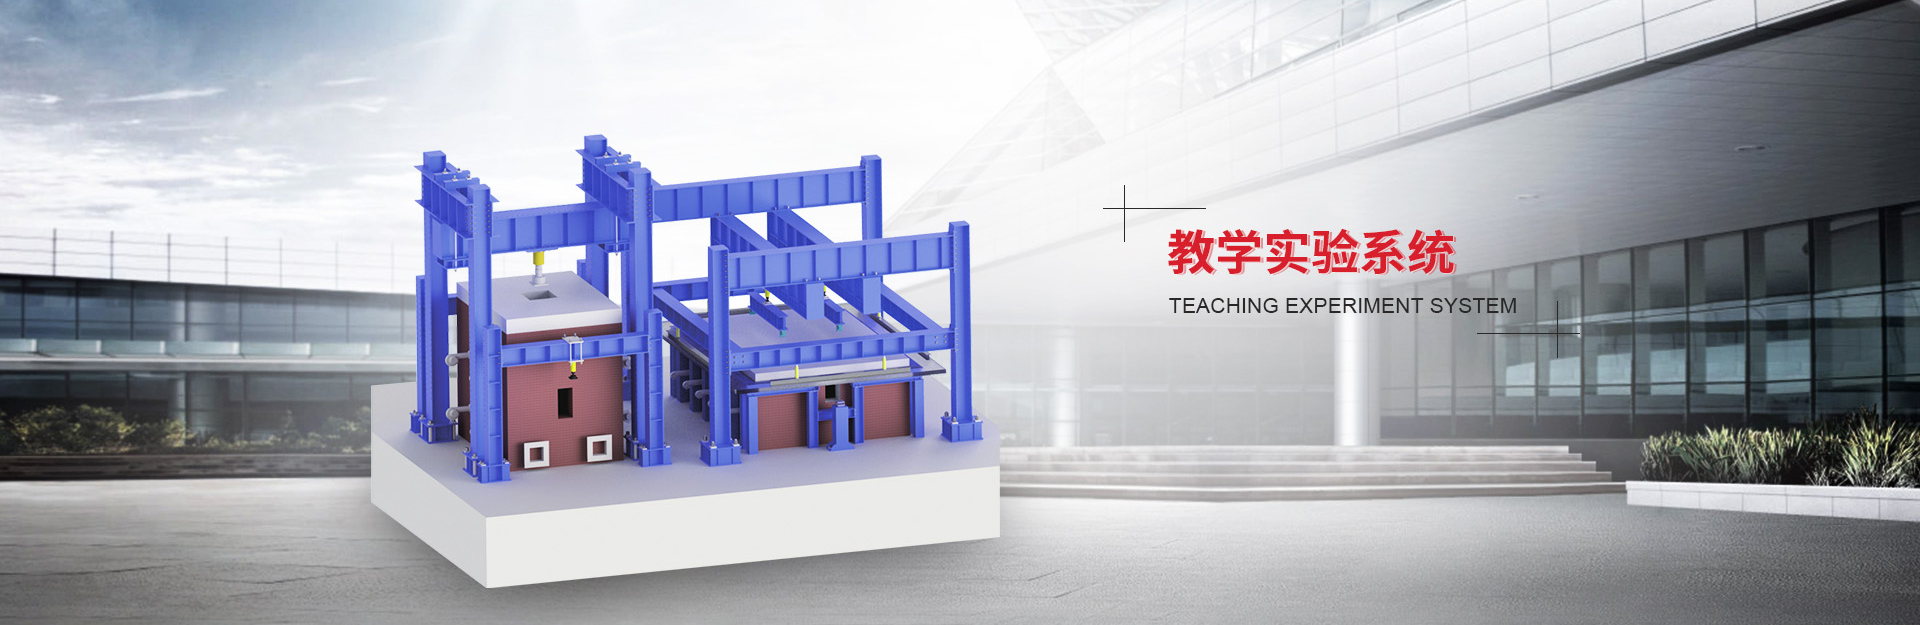 教学实验系统